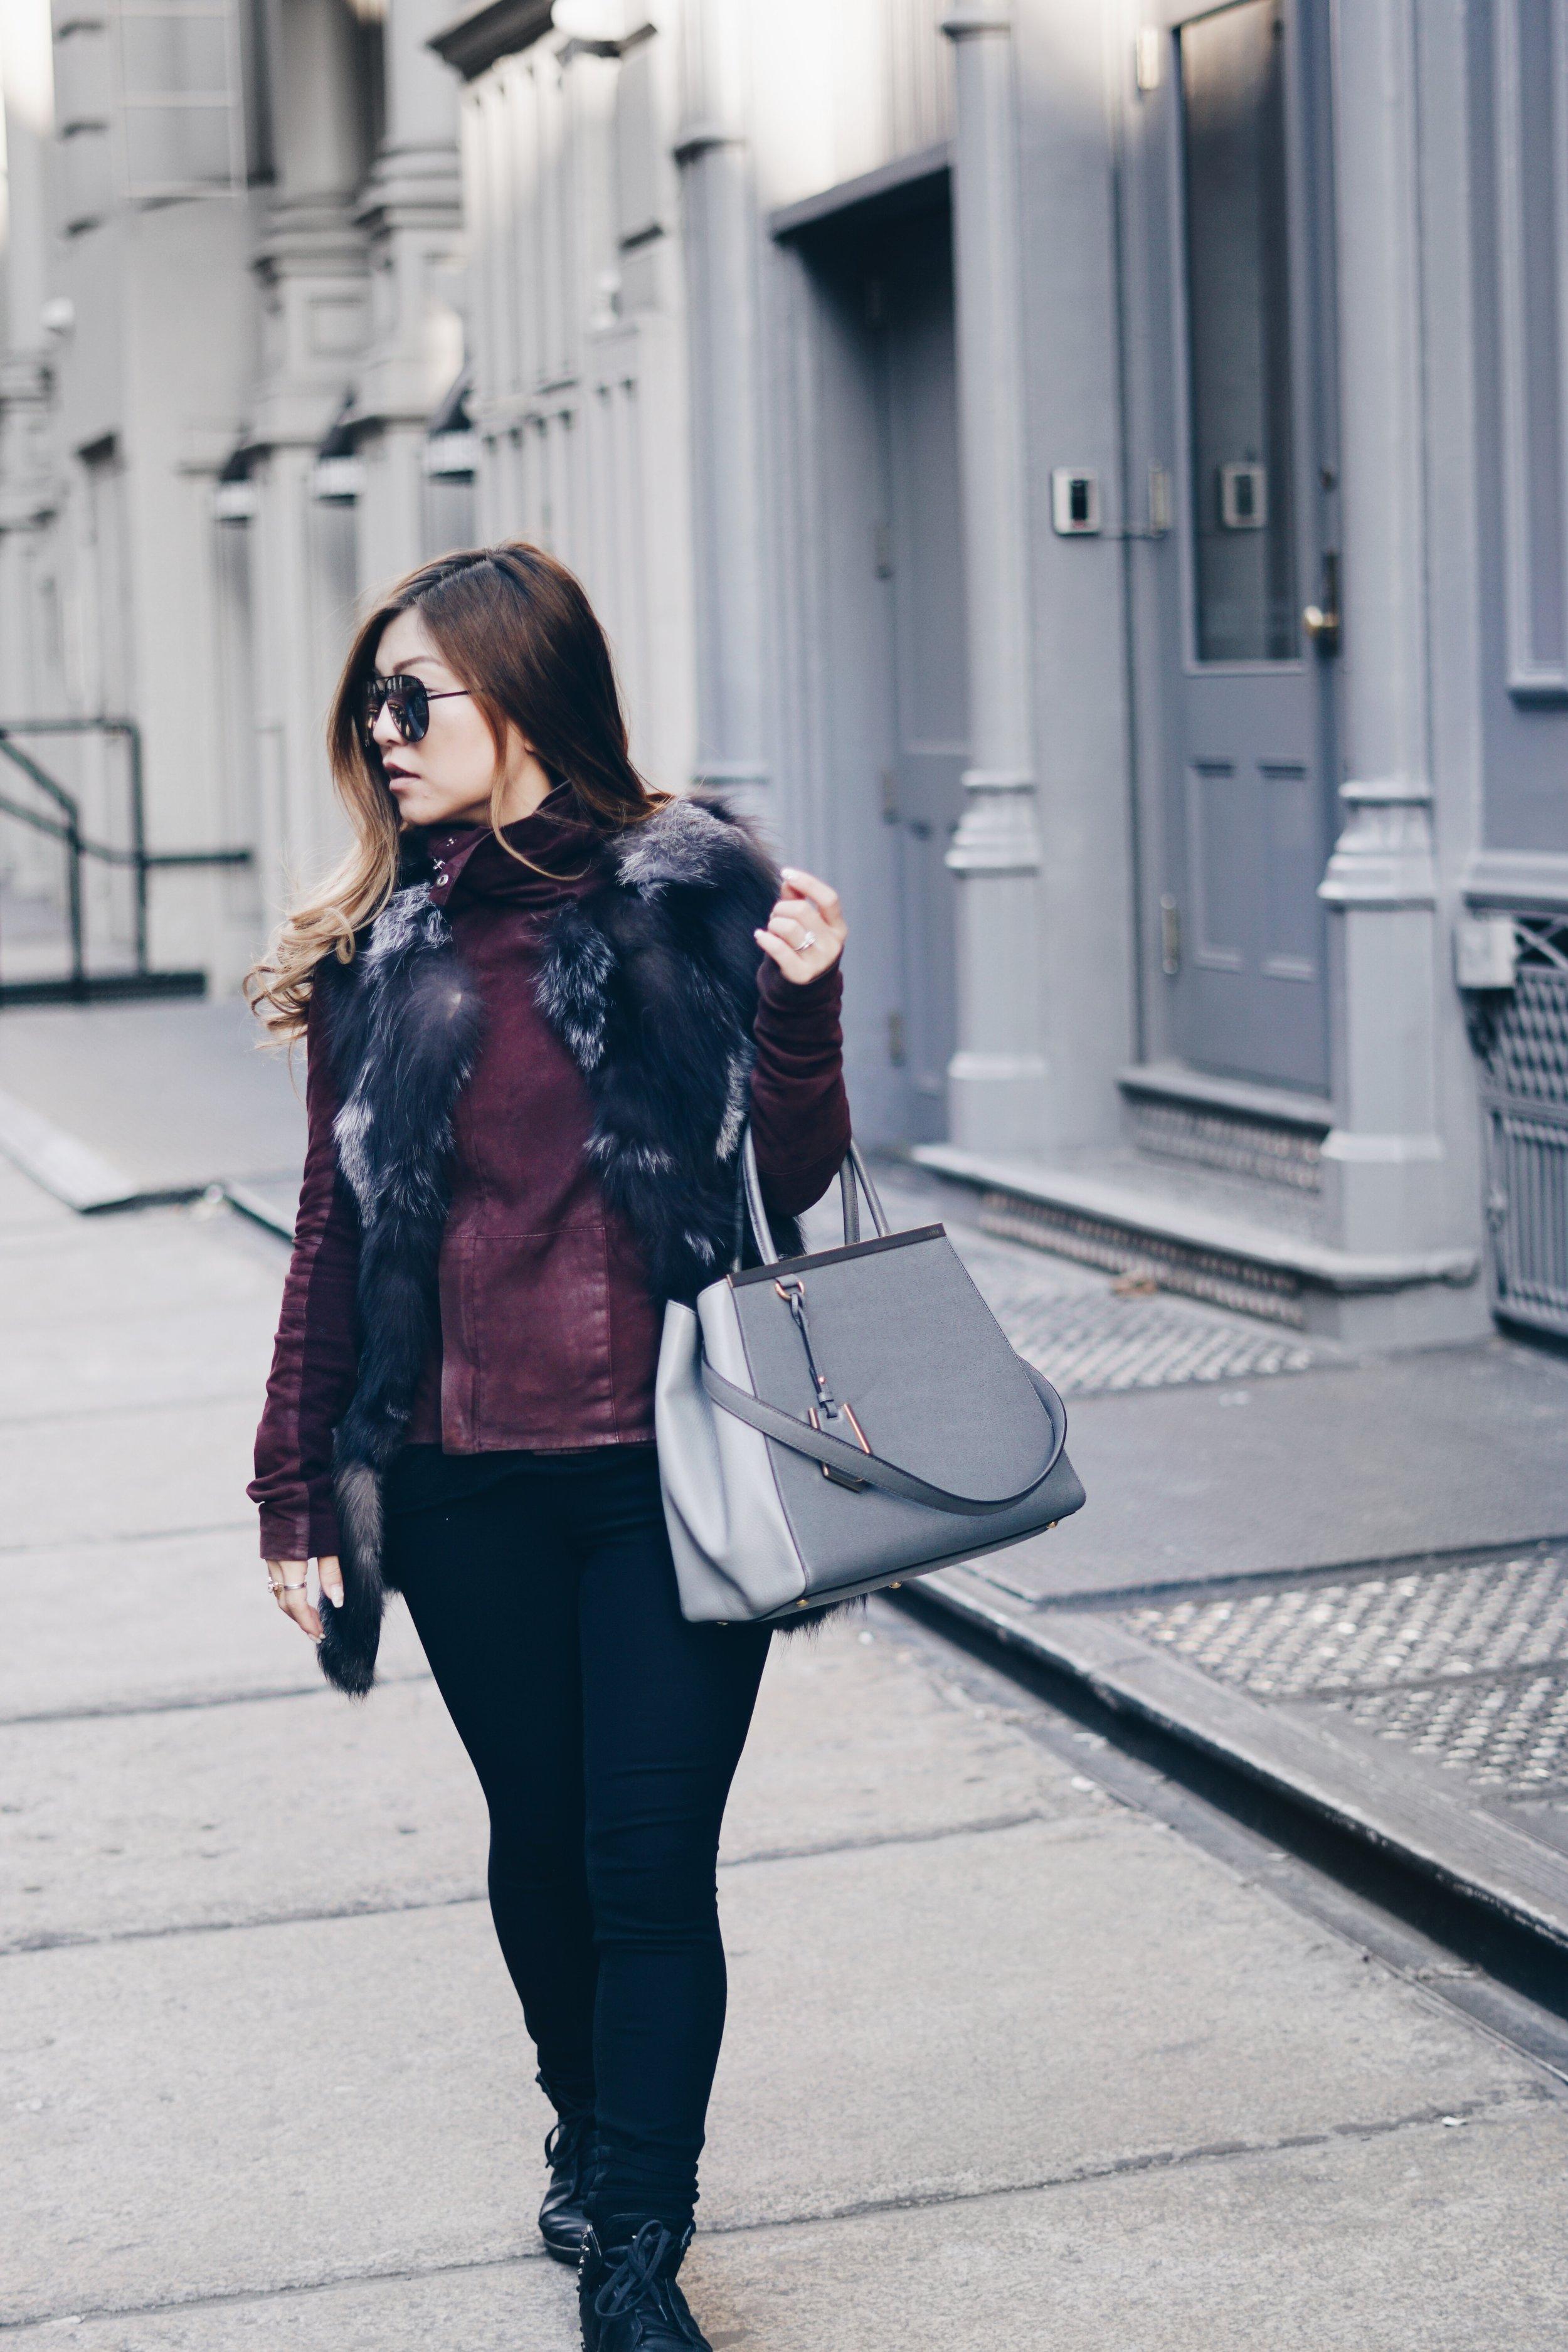 Wearing:  Rag & Bone Jeans  |  Veda  Leather Jacket |  Y-3  Honja Sneakers |  Quay  Sunglasses |  Fendi 2Jours Bag